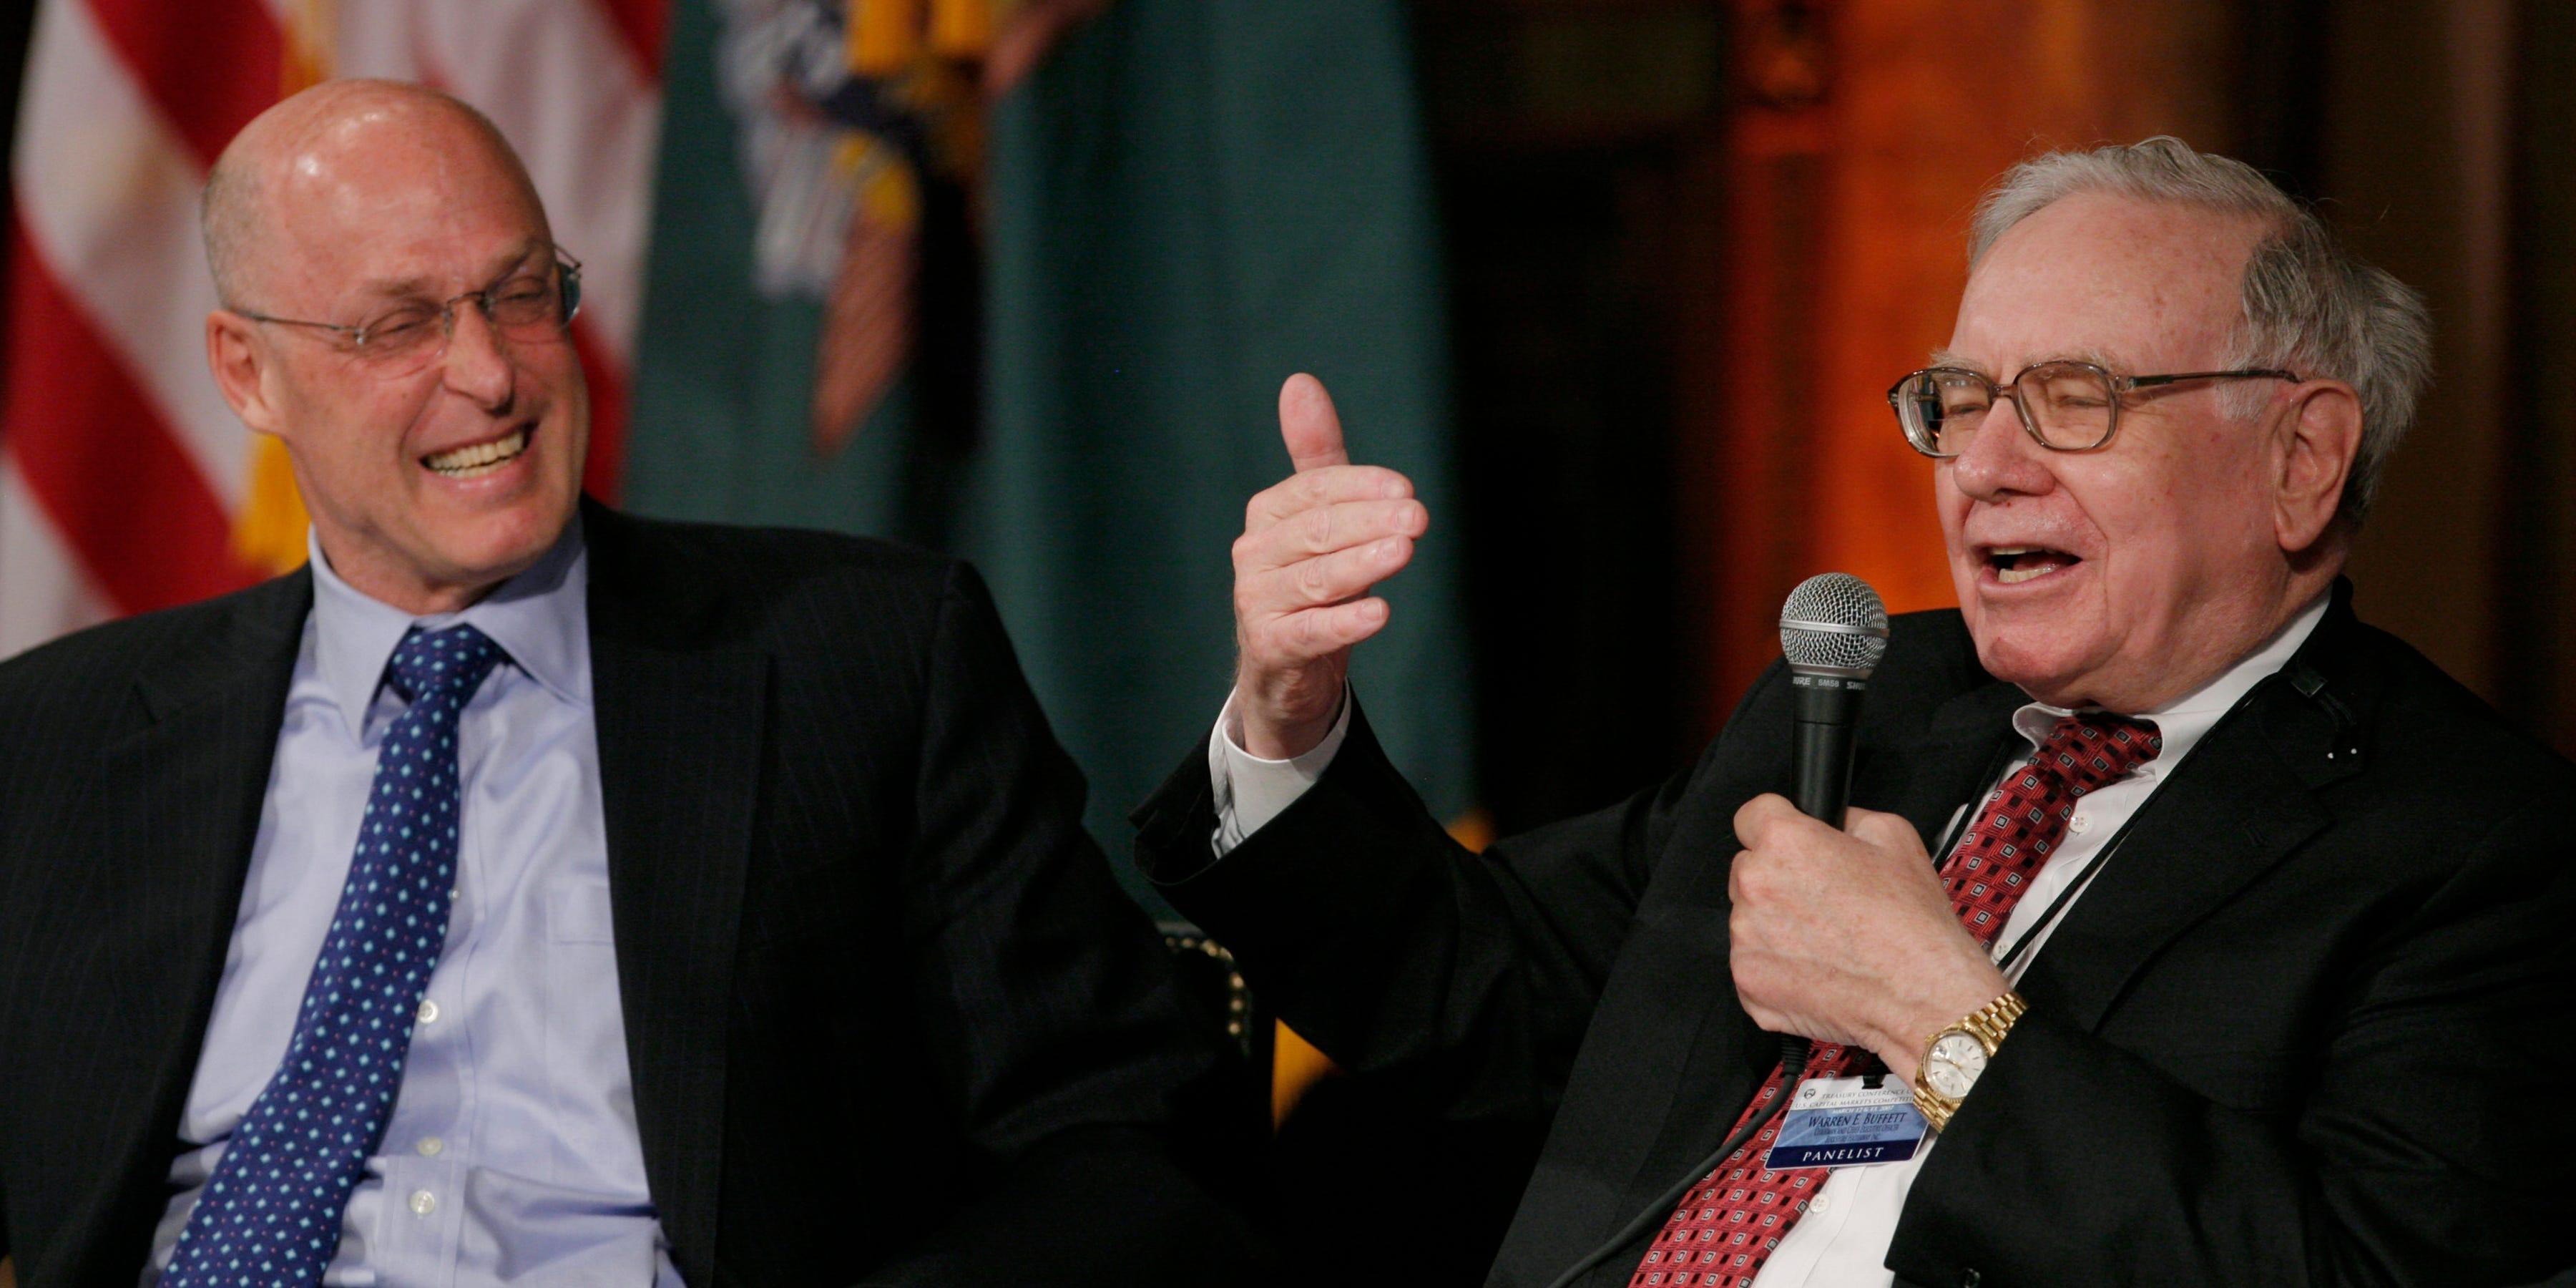 Warren Buffett by Hank Paulson